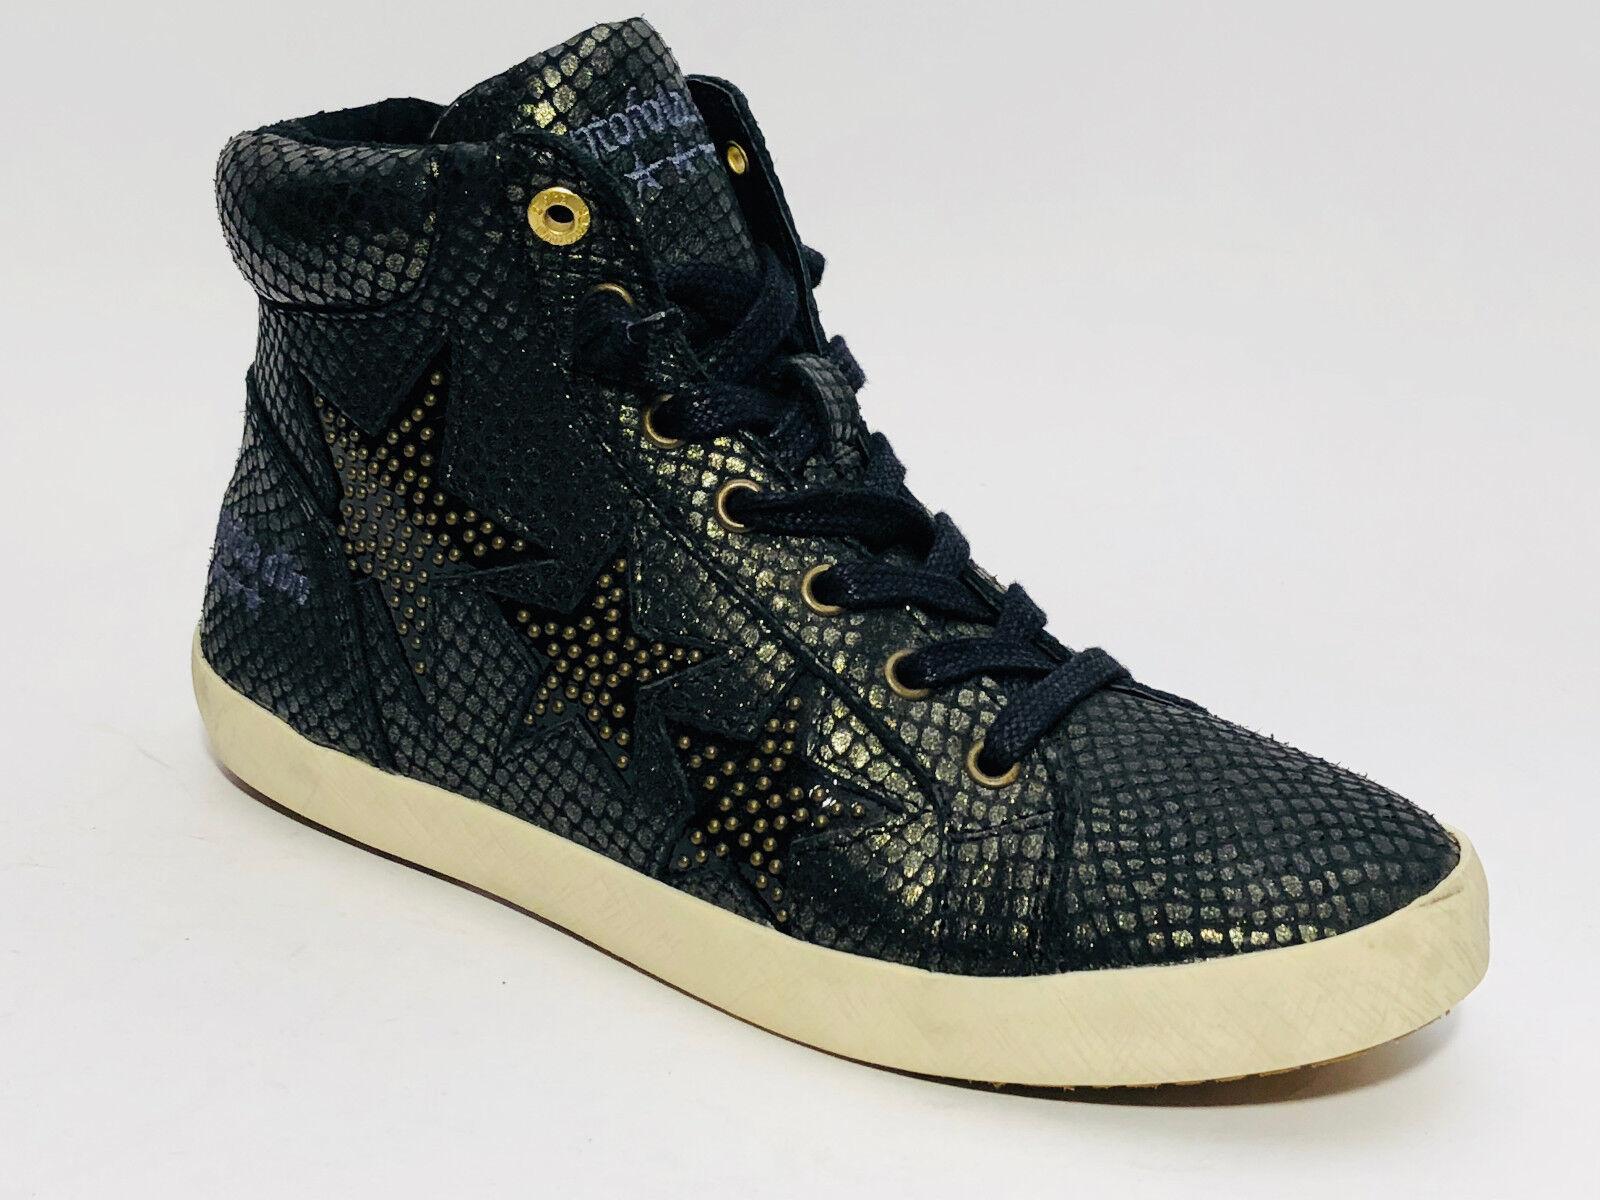 Pantofola D or Chaussures Femmes Hi baskets Taille 37 (UK 4) Noir bottes